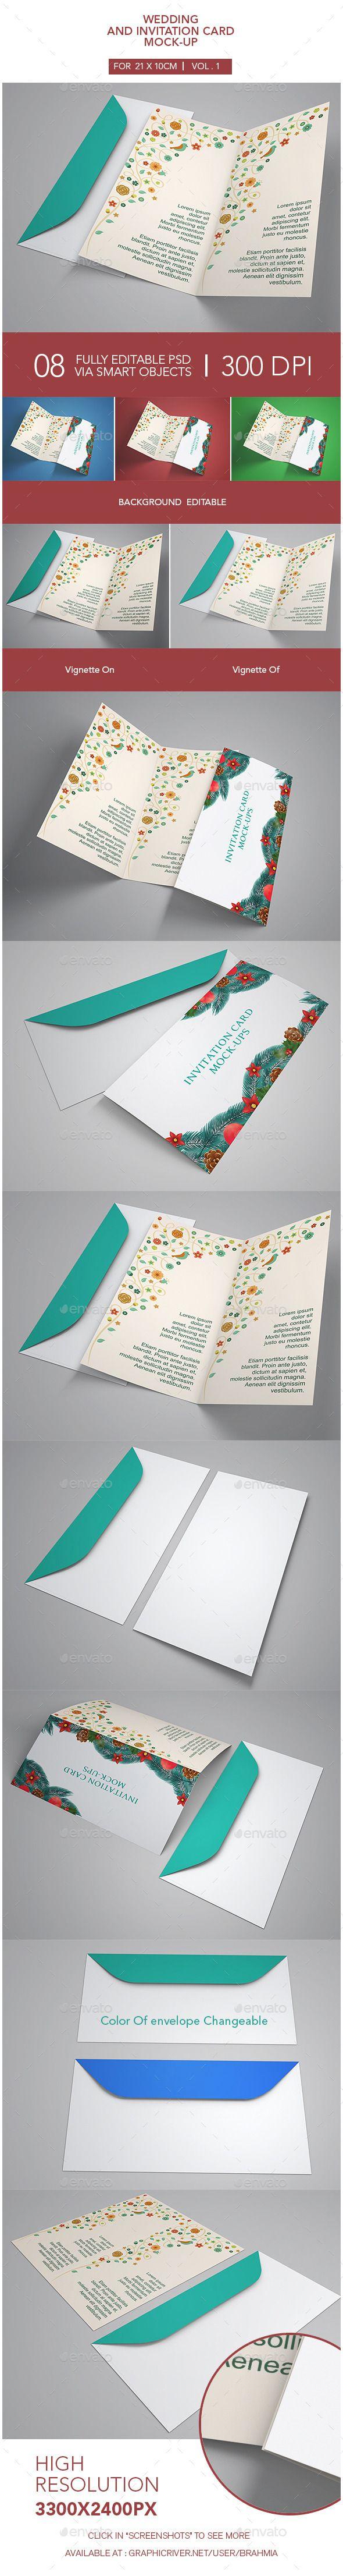 Invitation Card Mock-Up - suit display card  DL, Rack Cards size #mockups with envelopes